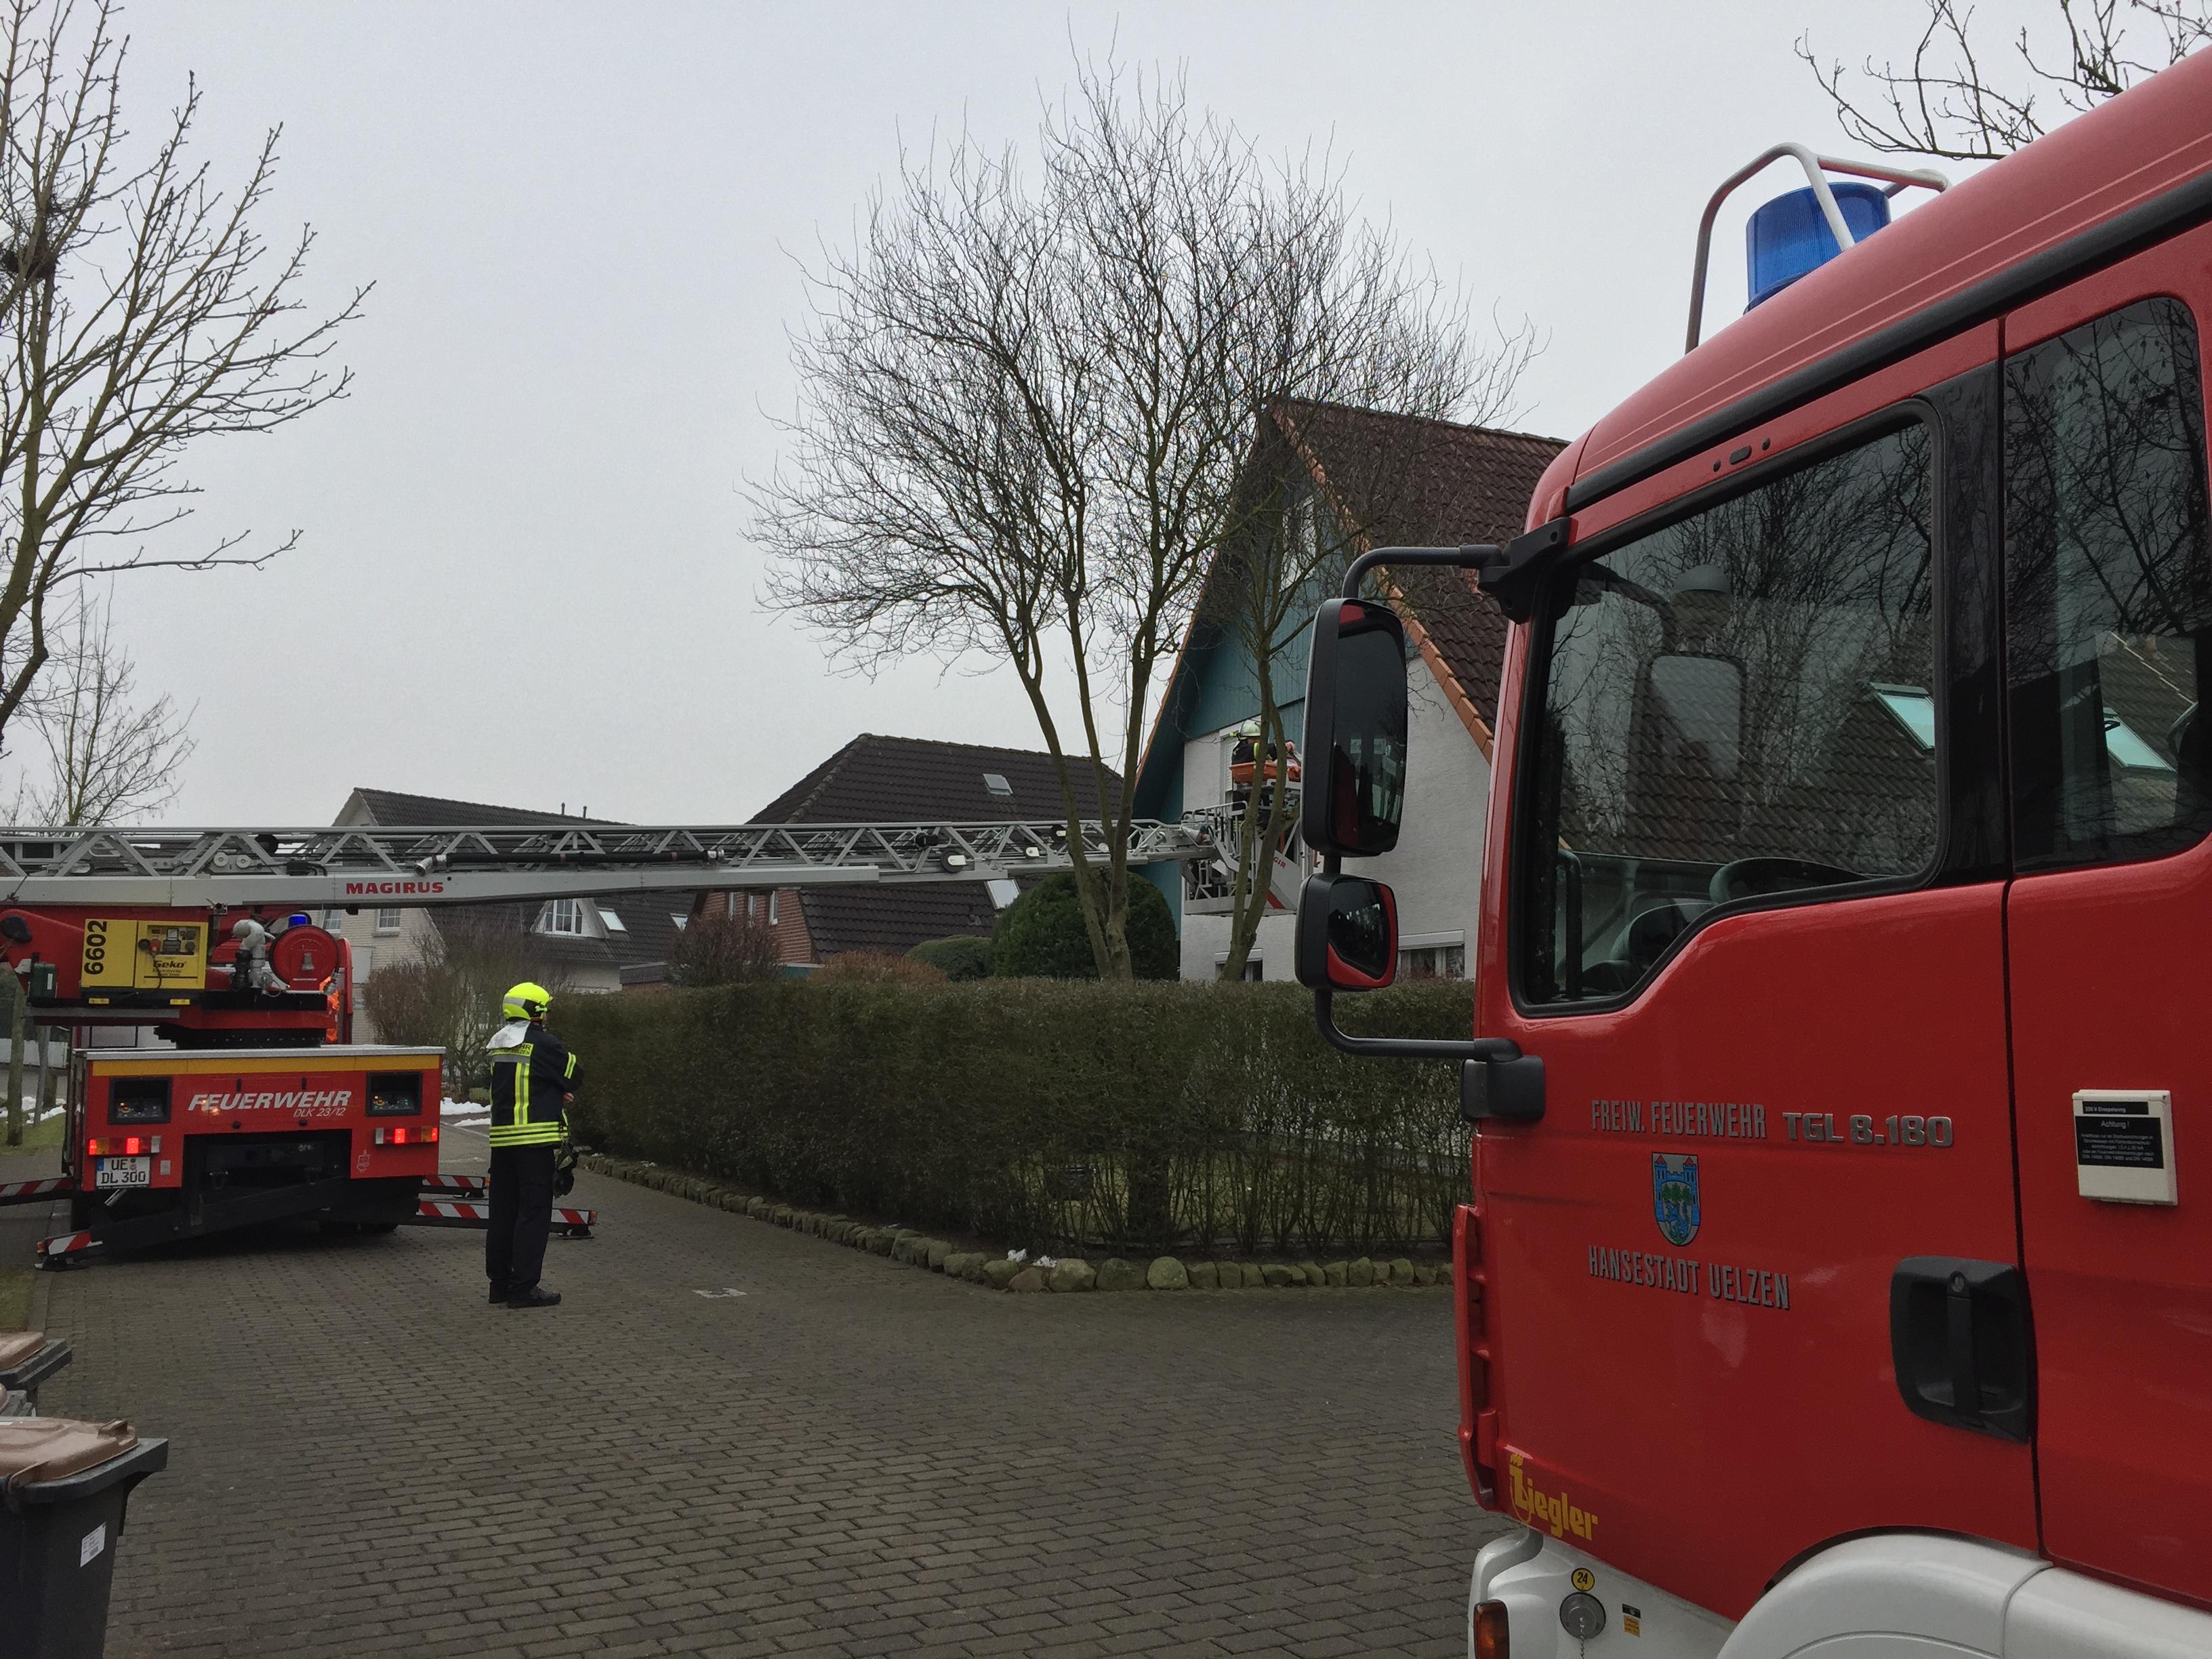 033. Unterstützung Rettungsdienst - Personenrettung über DLK